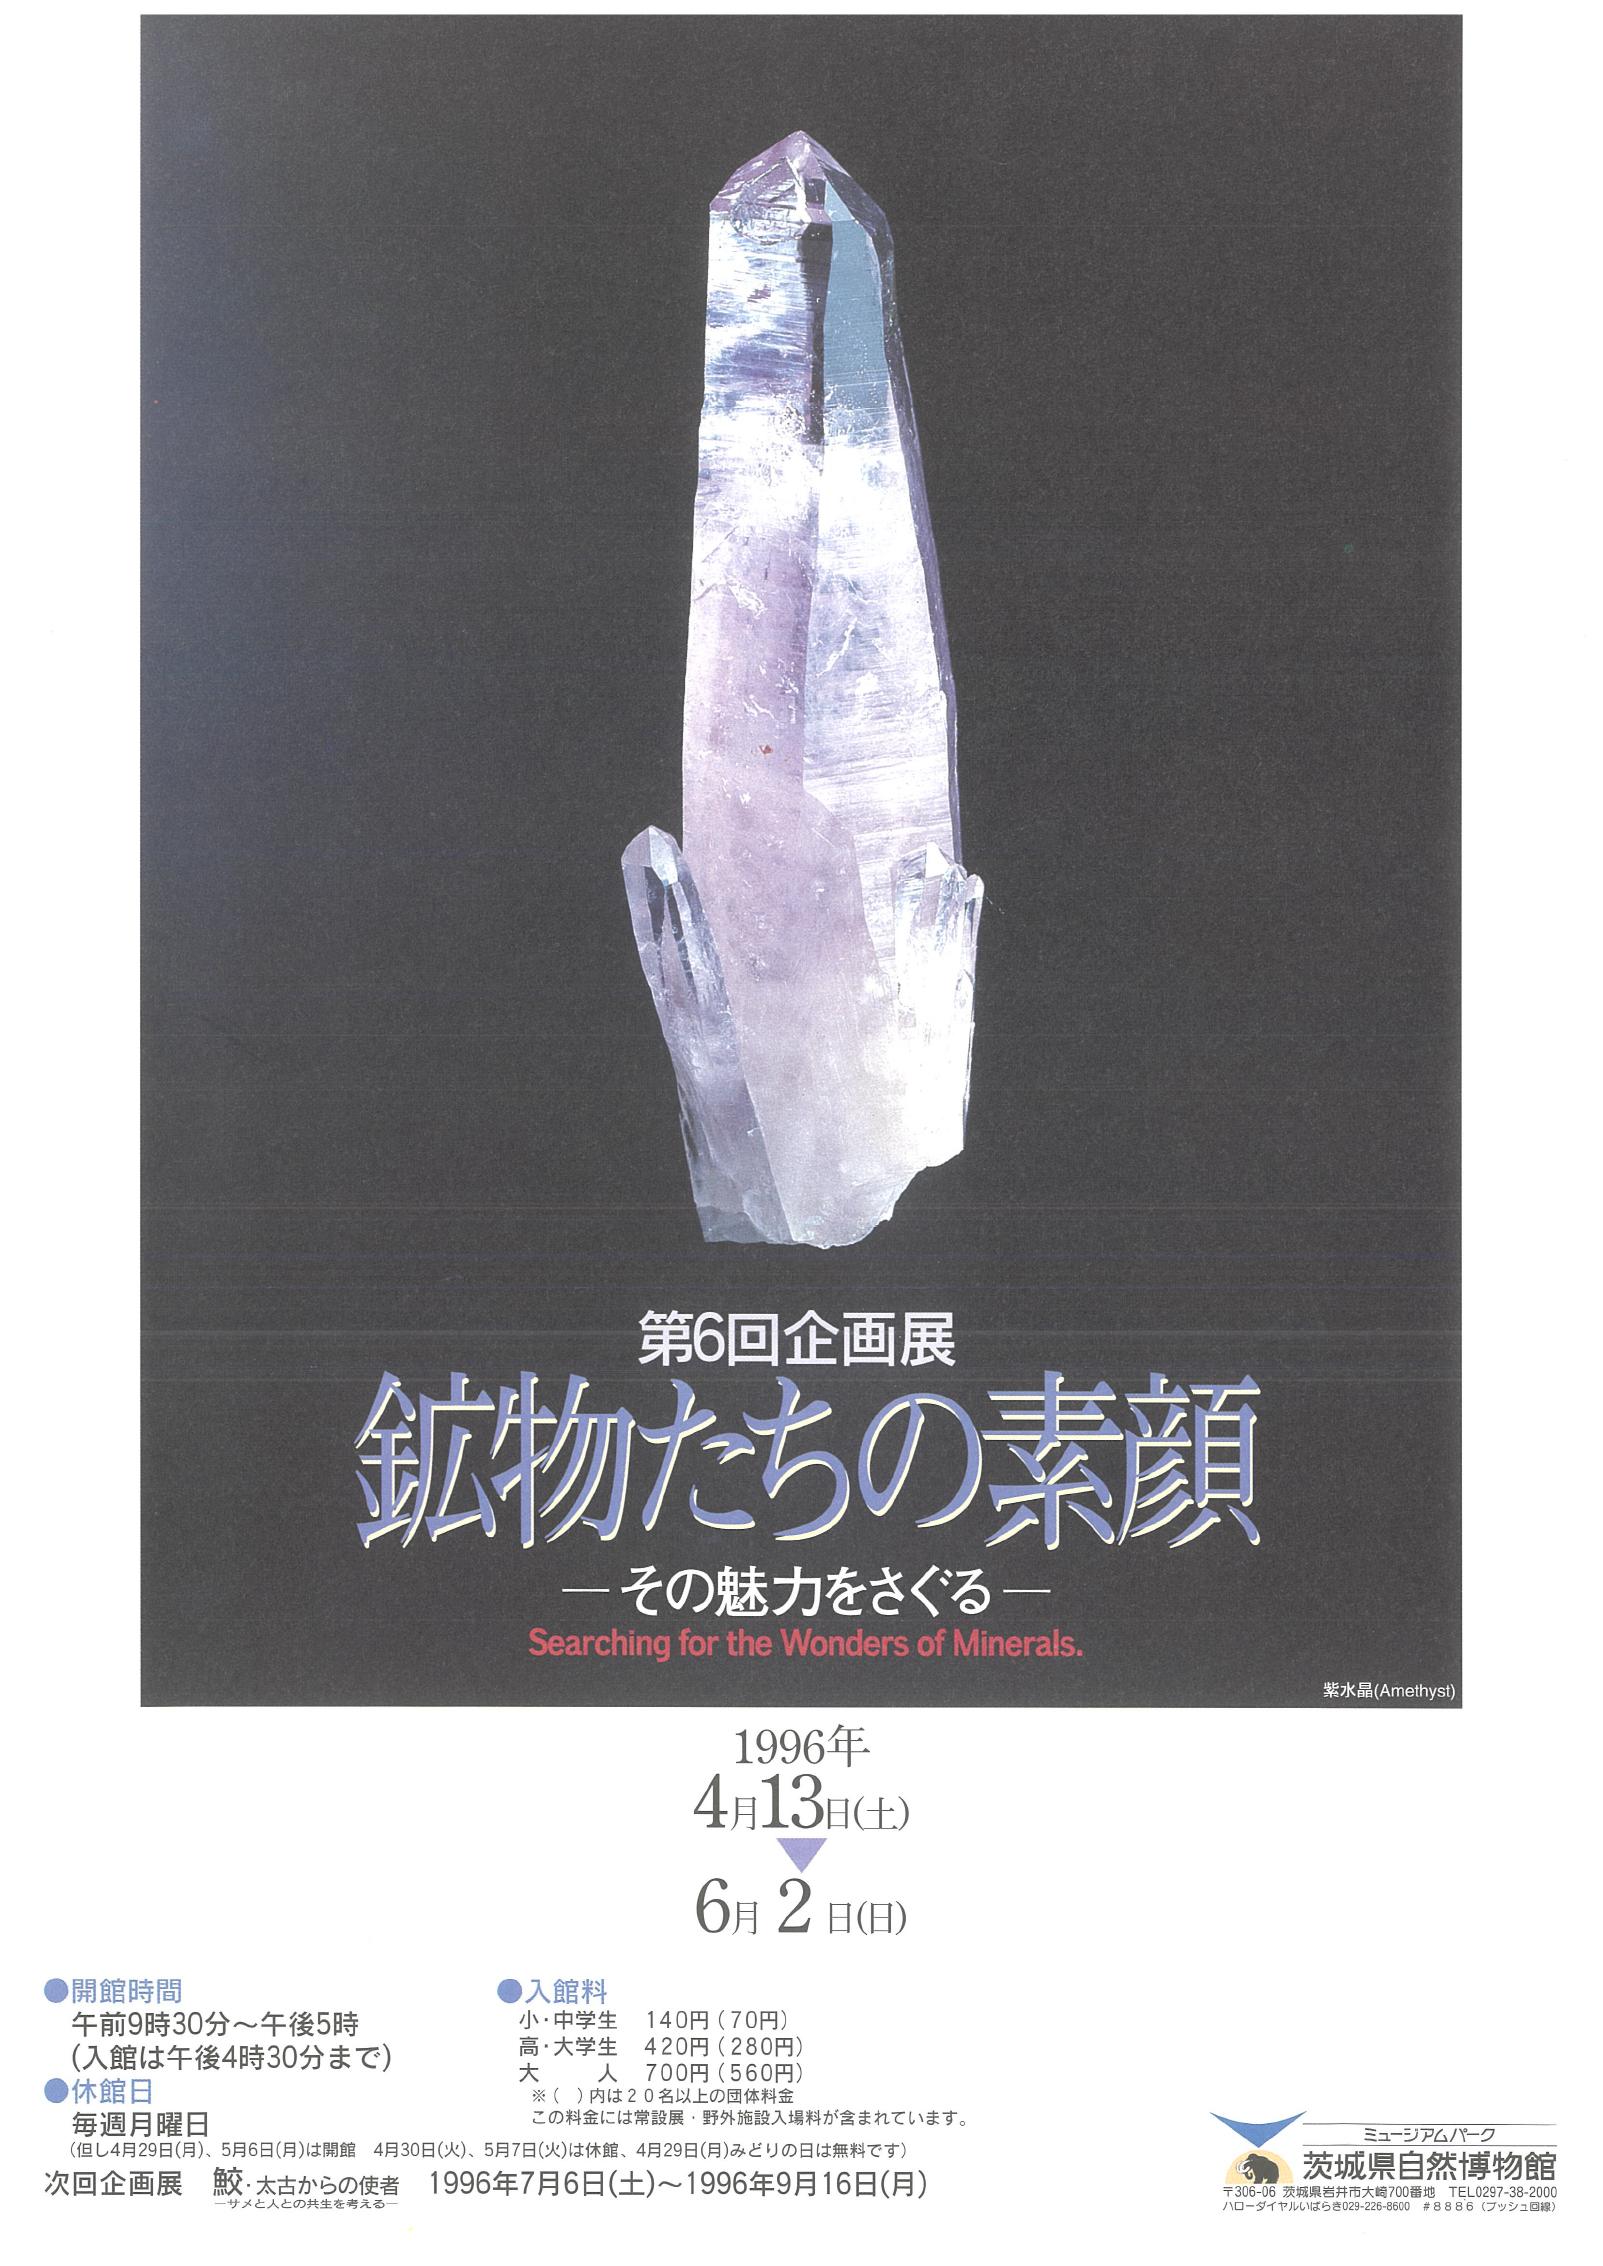 鉱物たちの素顔 -その魅力をさぐる-